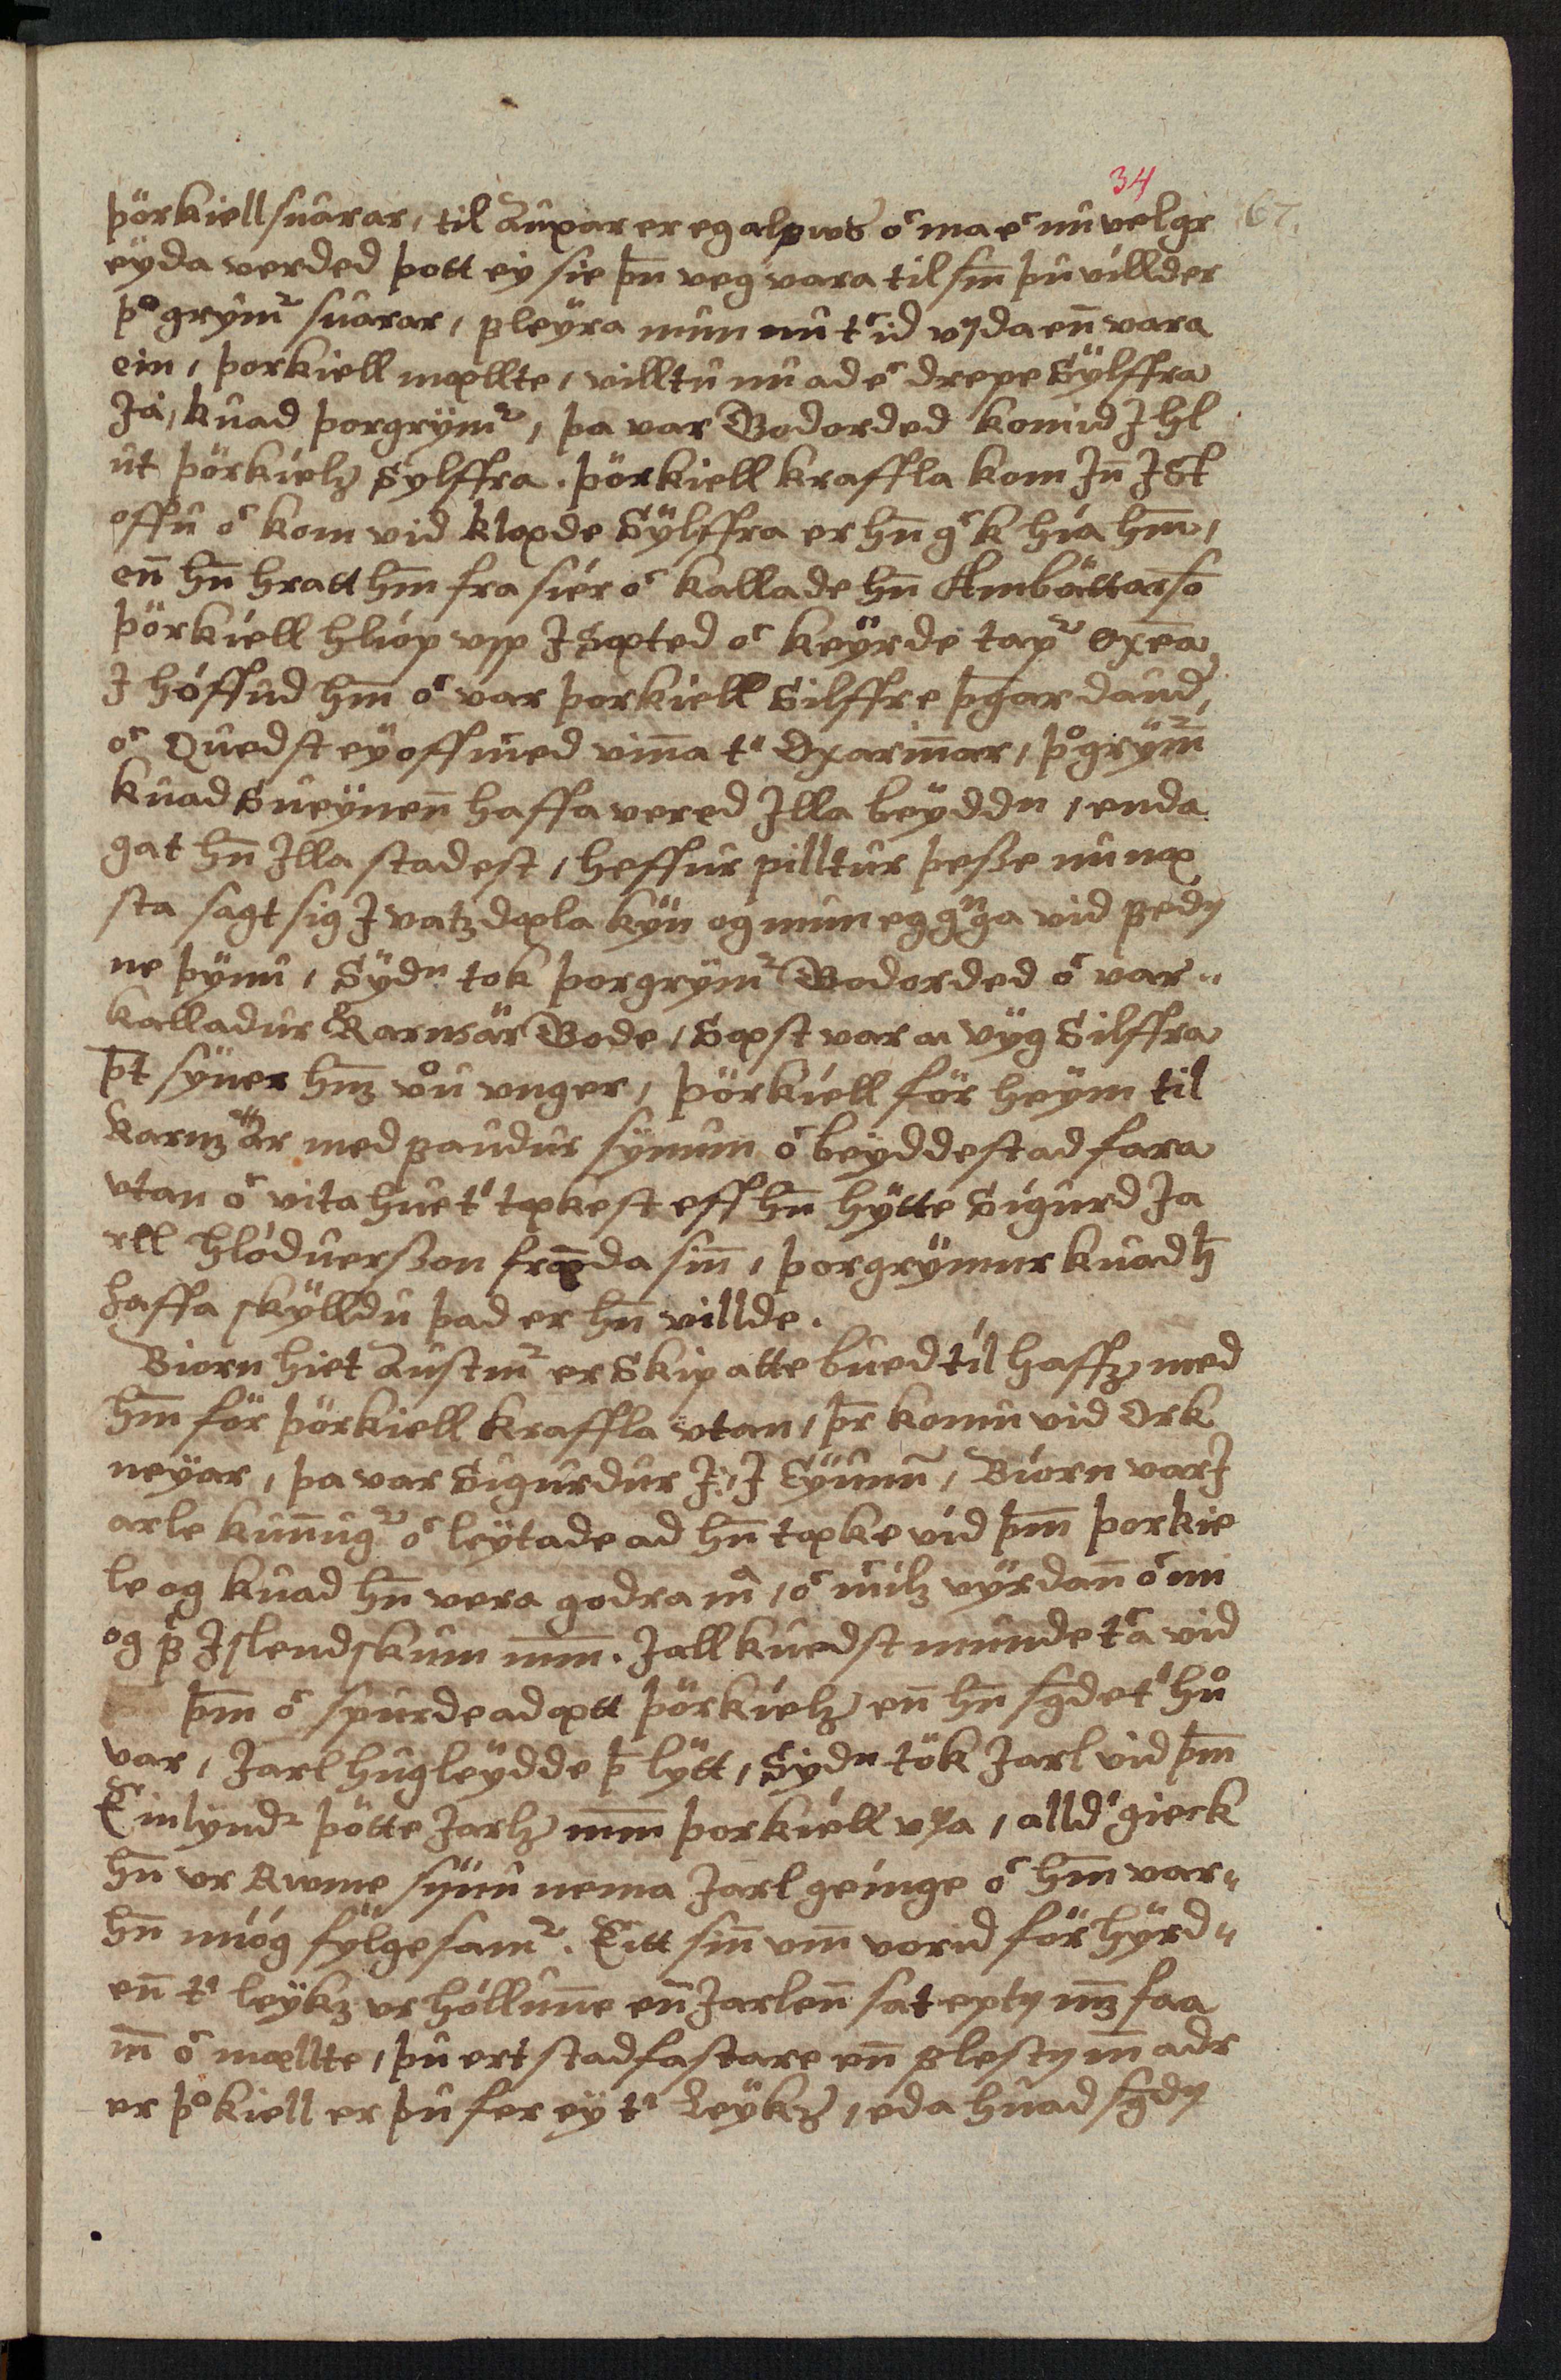 AM 138 fol - 34r